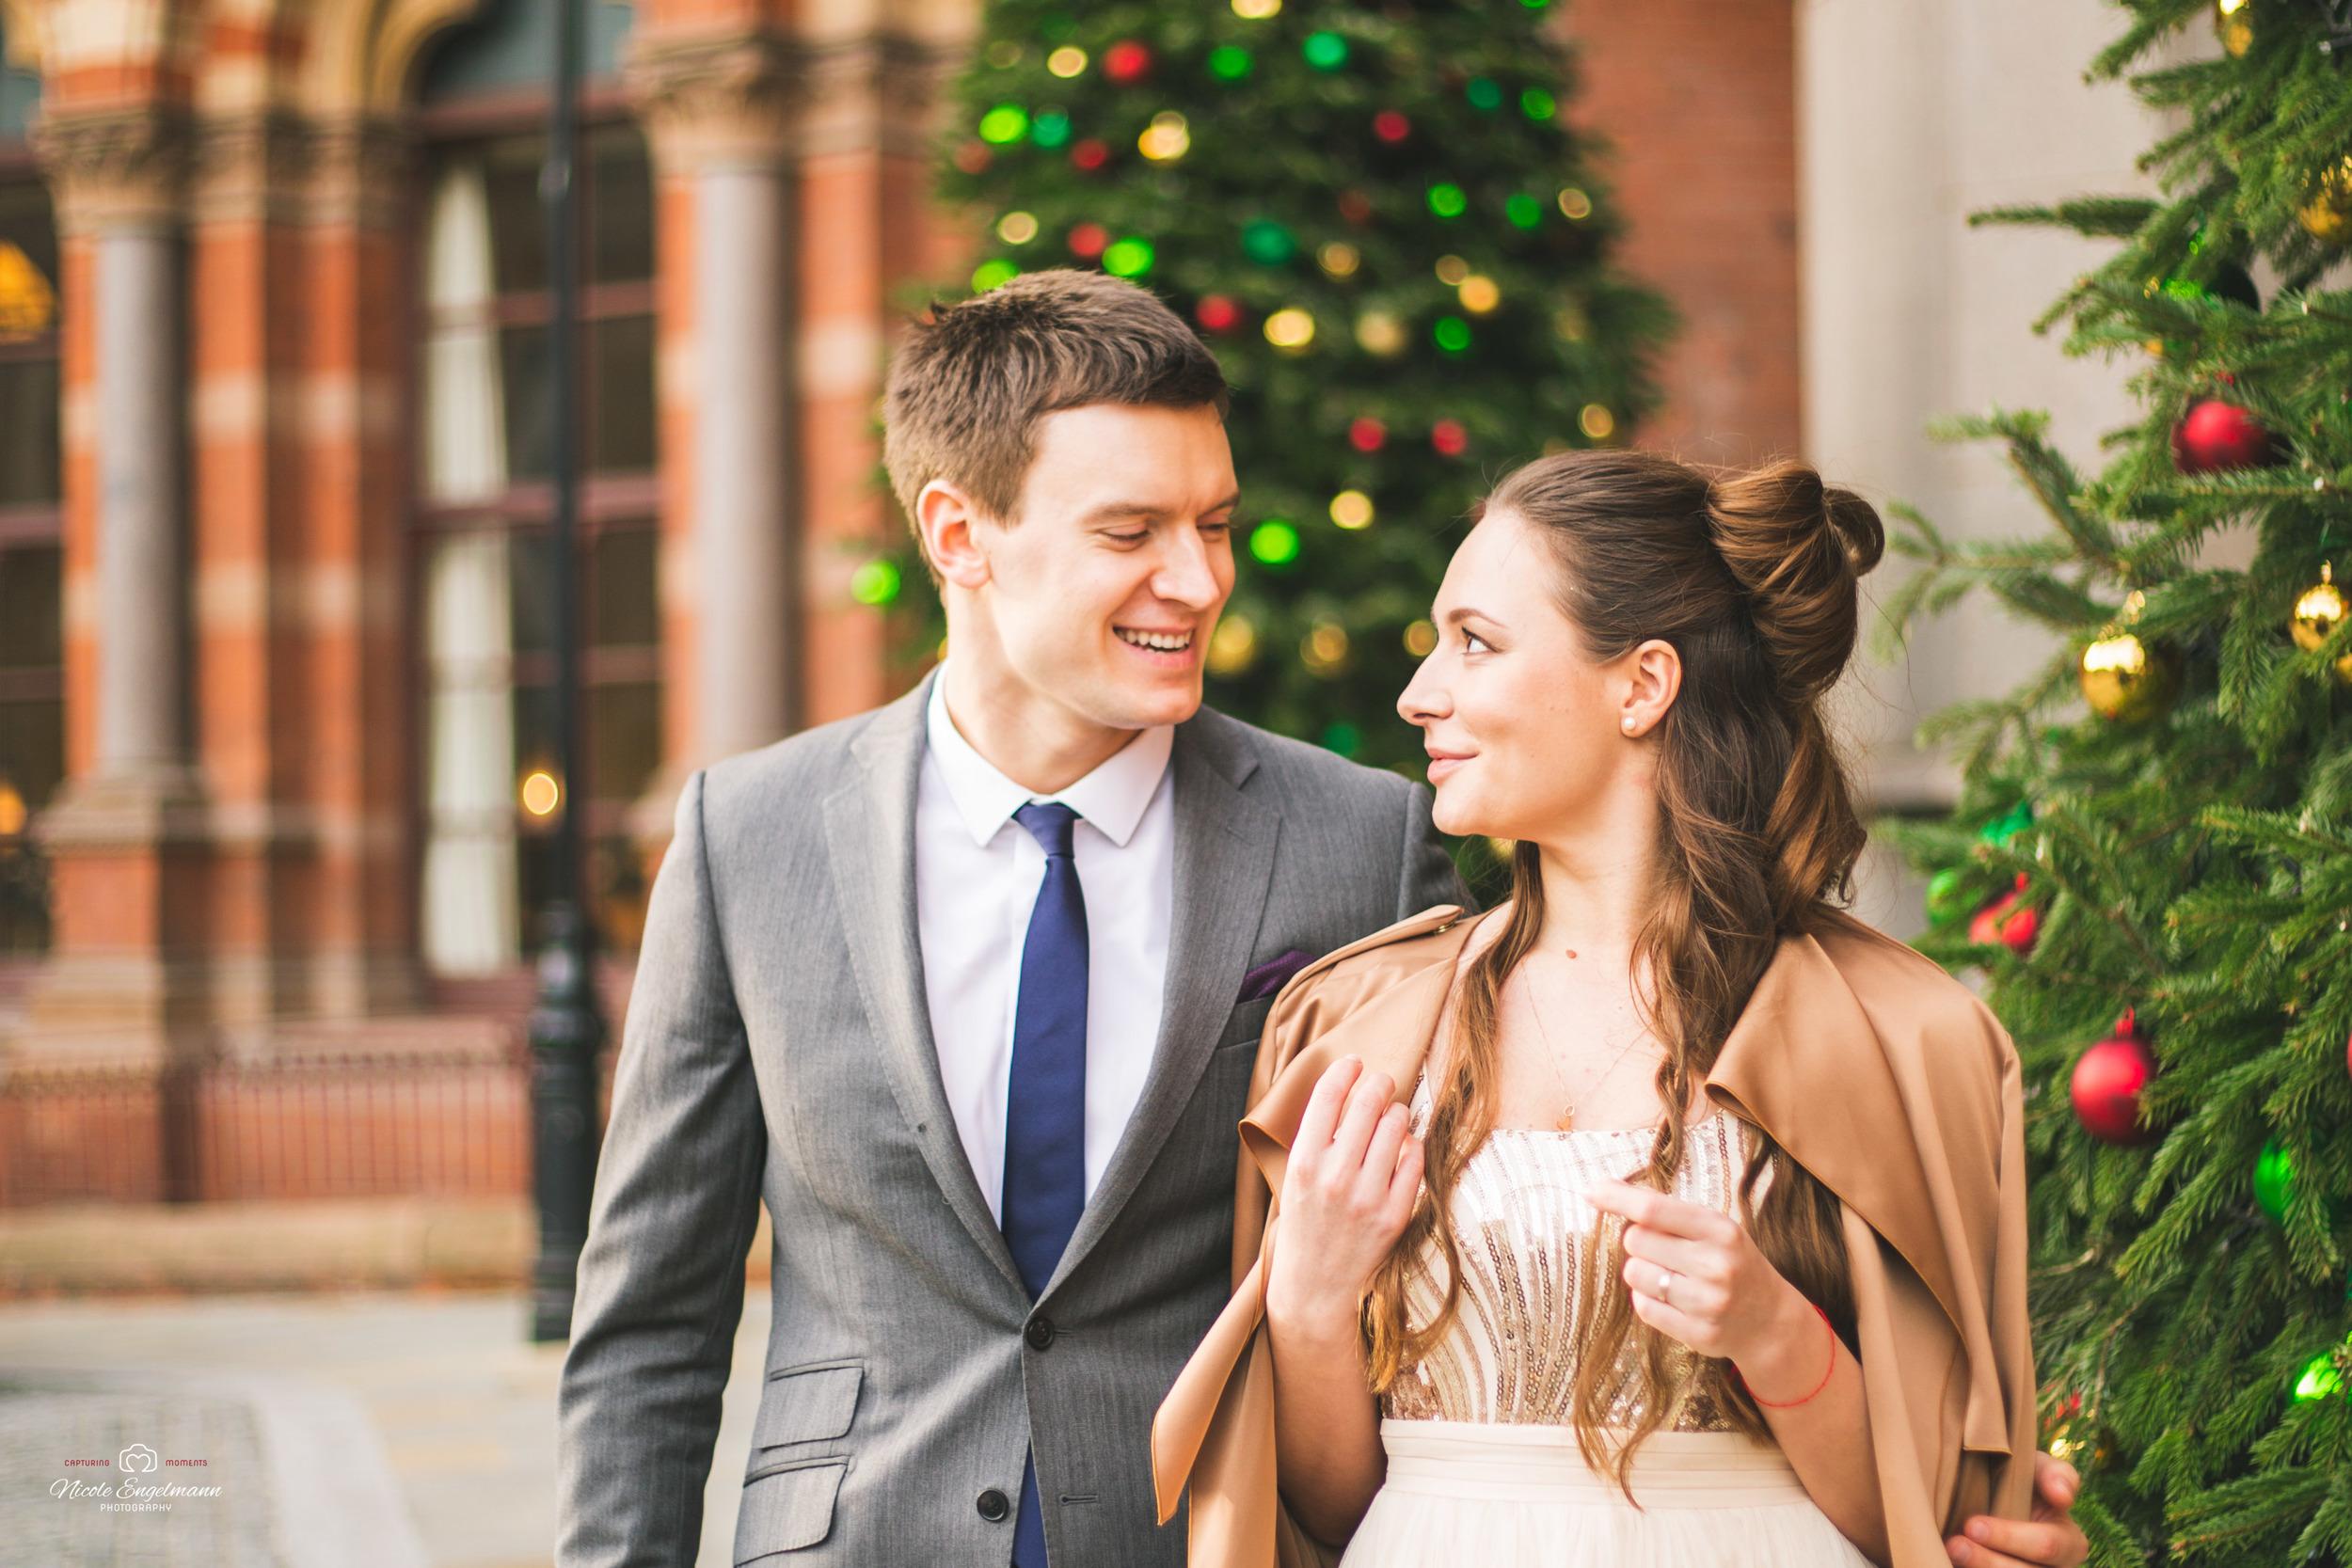 xmas-wedding-2.jpg